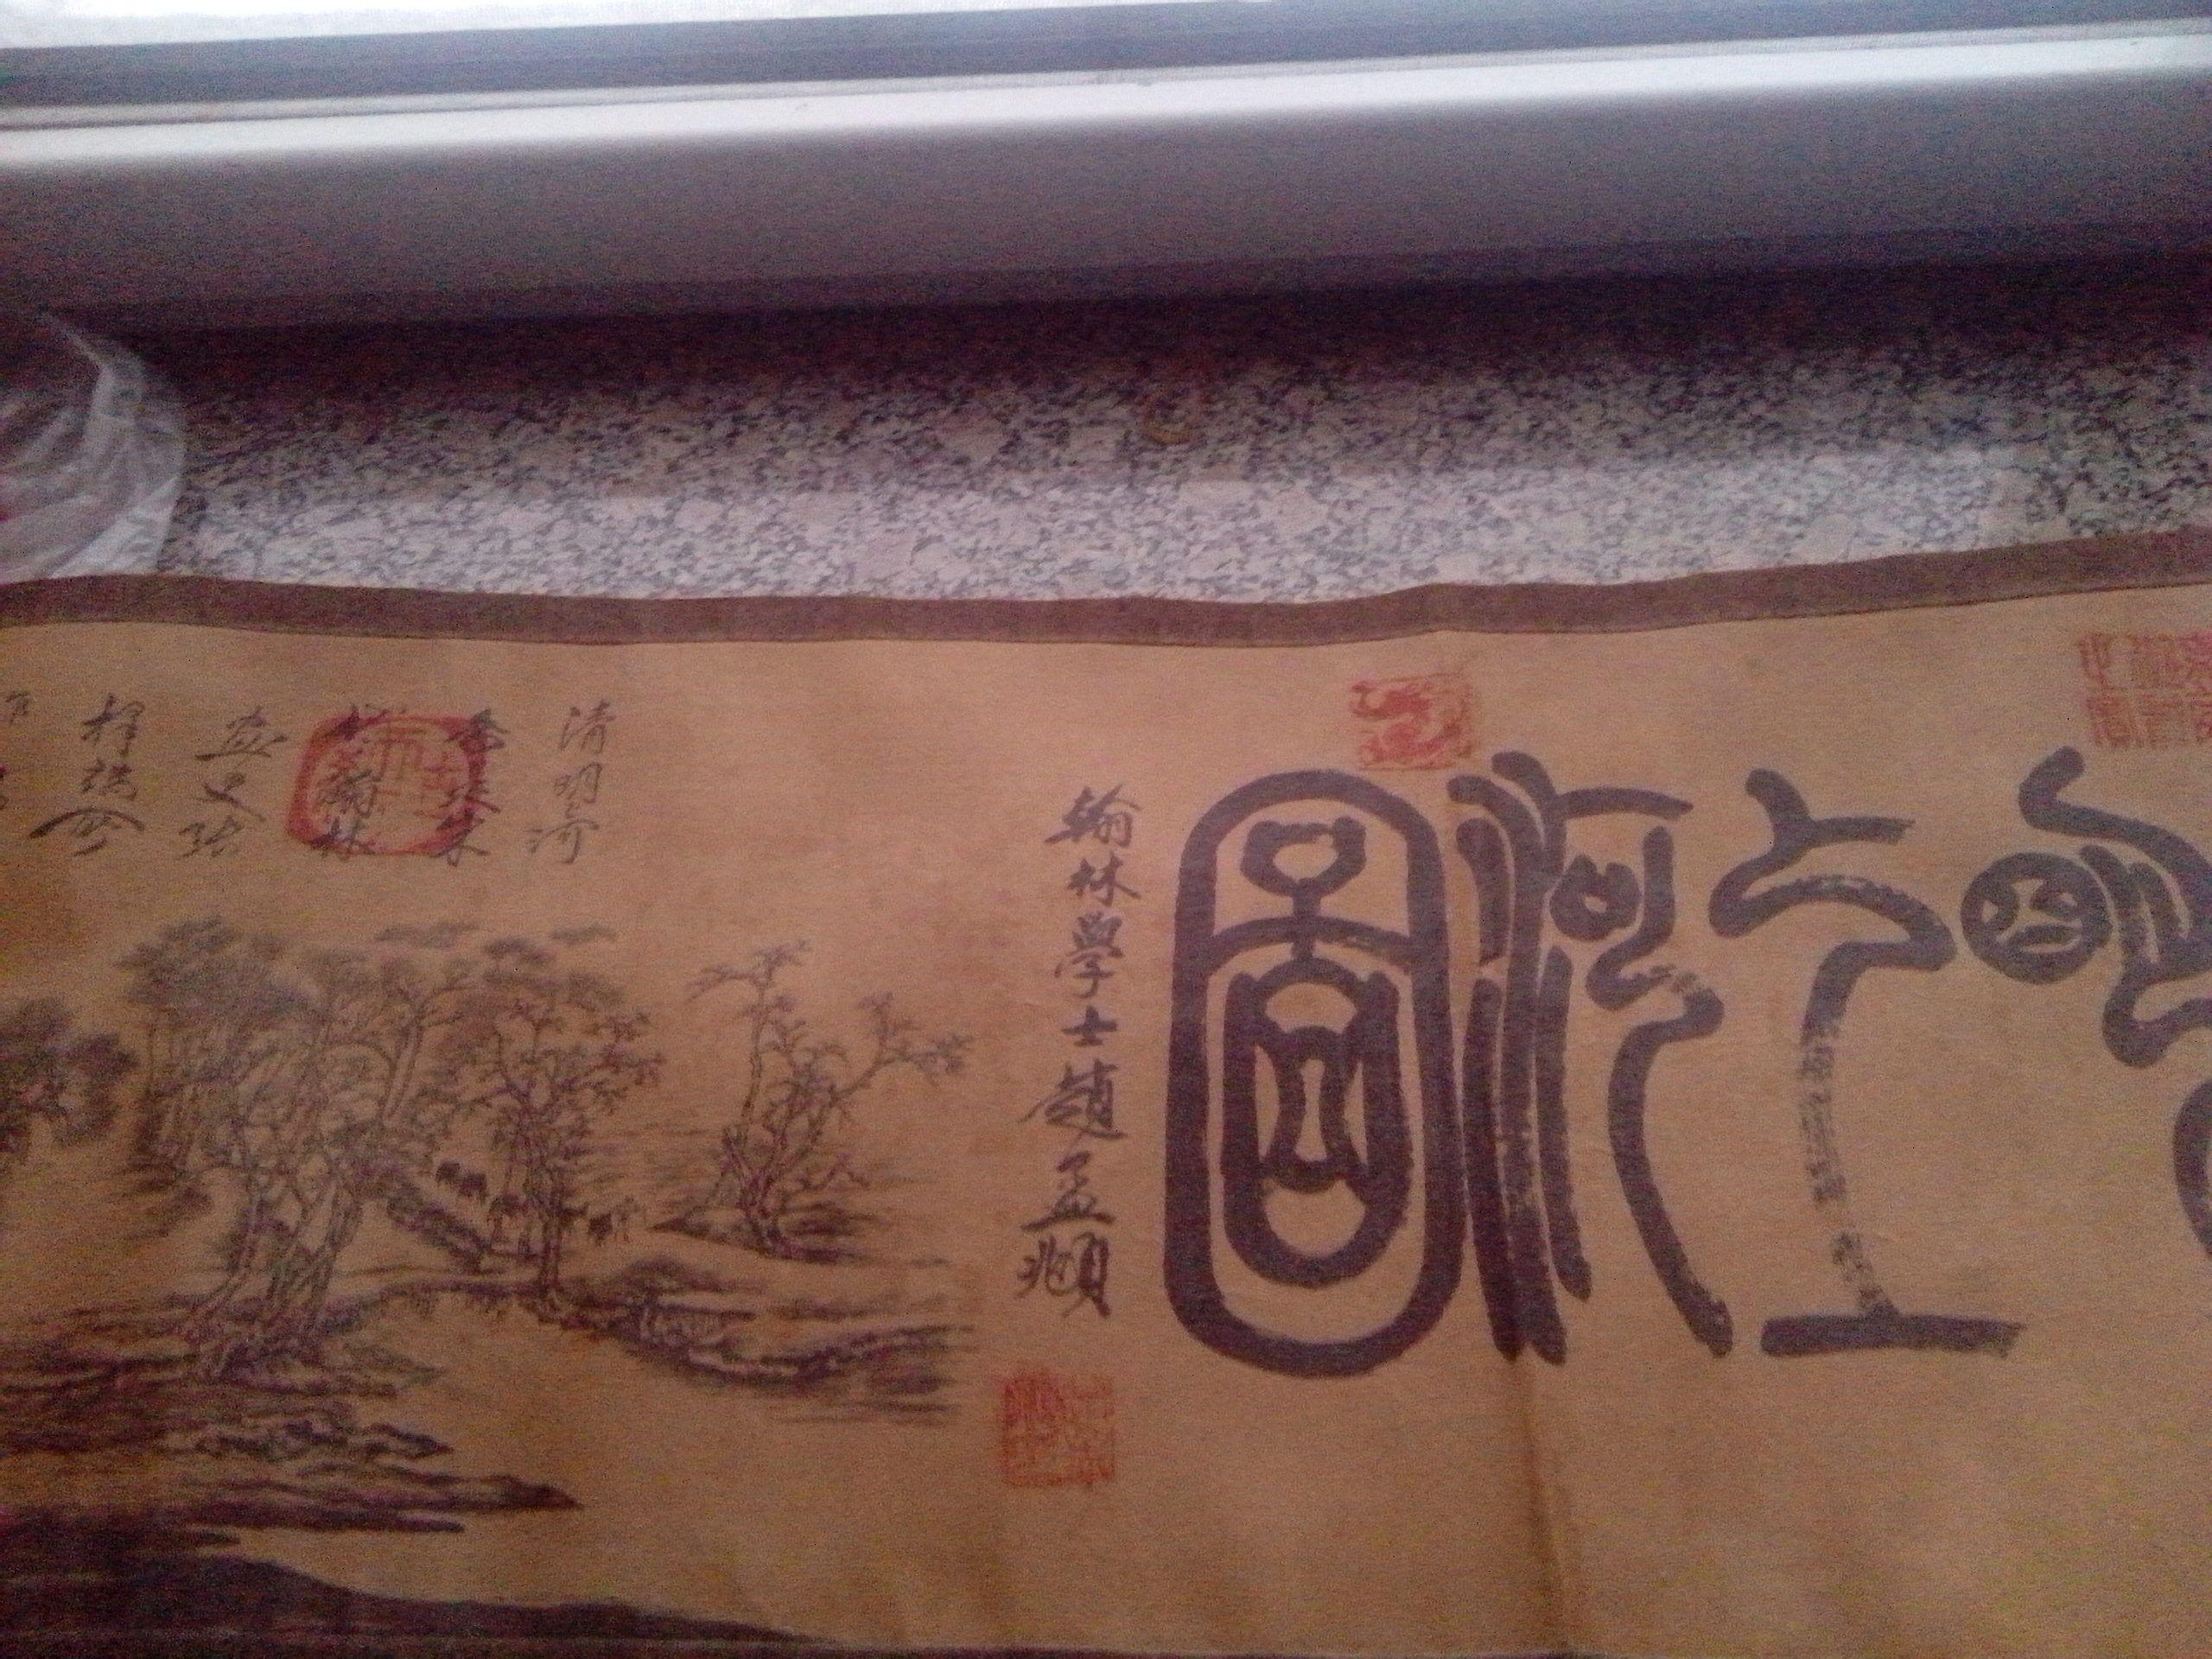 30年前买了一幅清明上河图赝品,是赵孟頫的,知道是赝品,想把它卖掉